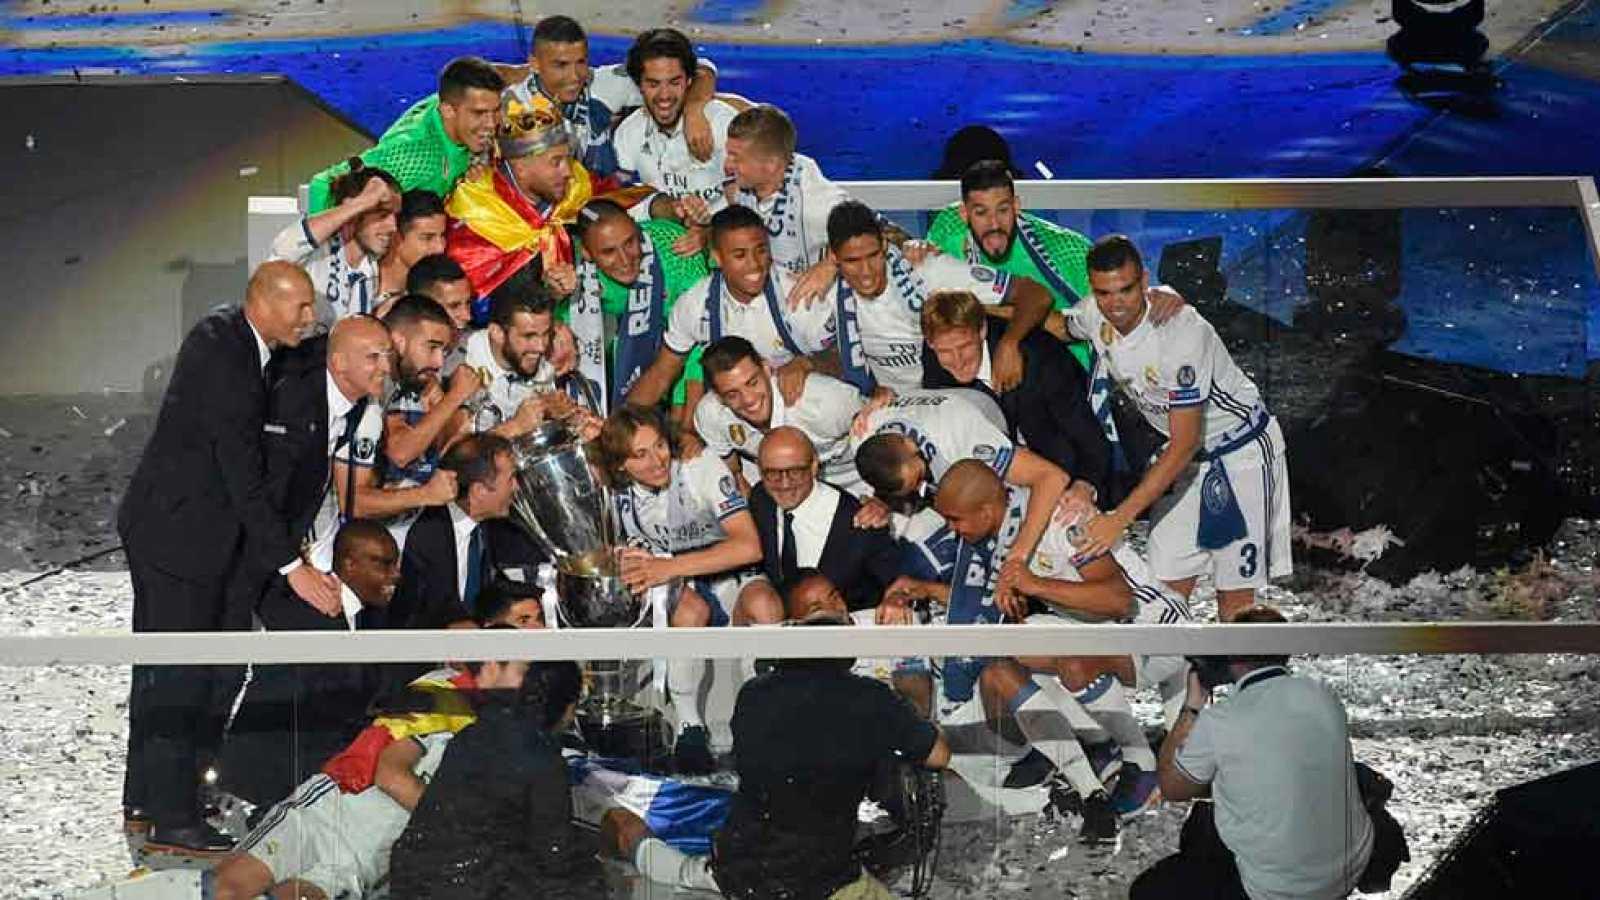 El Bernabéu acogió la gran fiesta final de la 'Duodécima' Copa de Europa conquistada por el Real Madrid. Los jugadores blancos celebraron el título con su afición en su estadio.